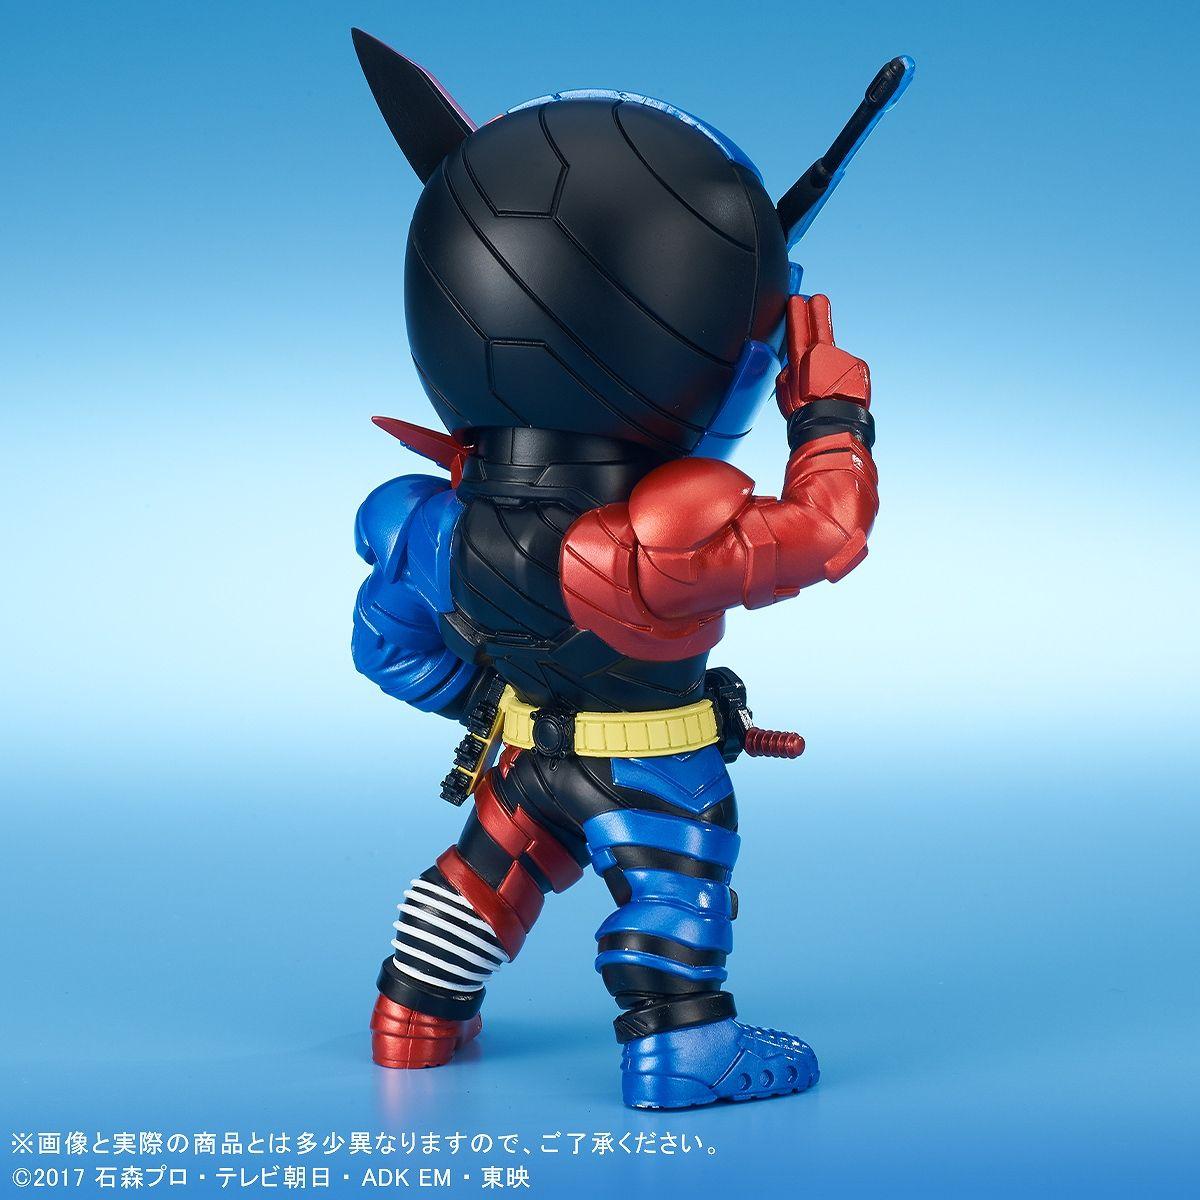 【限定販売】デフォリアル『仮面ライダービルド ラビットタンクフォーム』完成品フィギュア-005